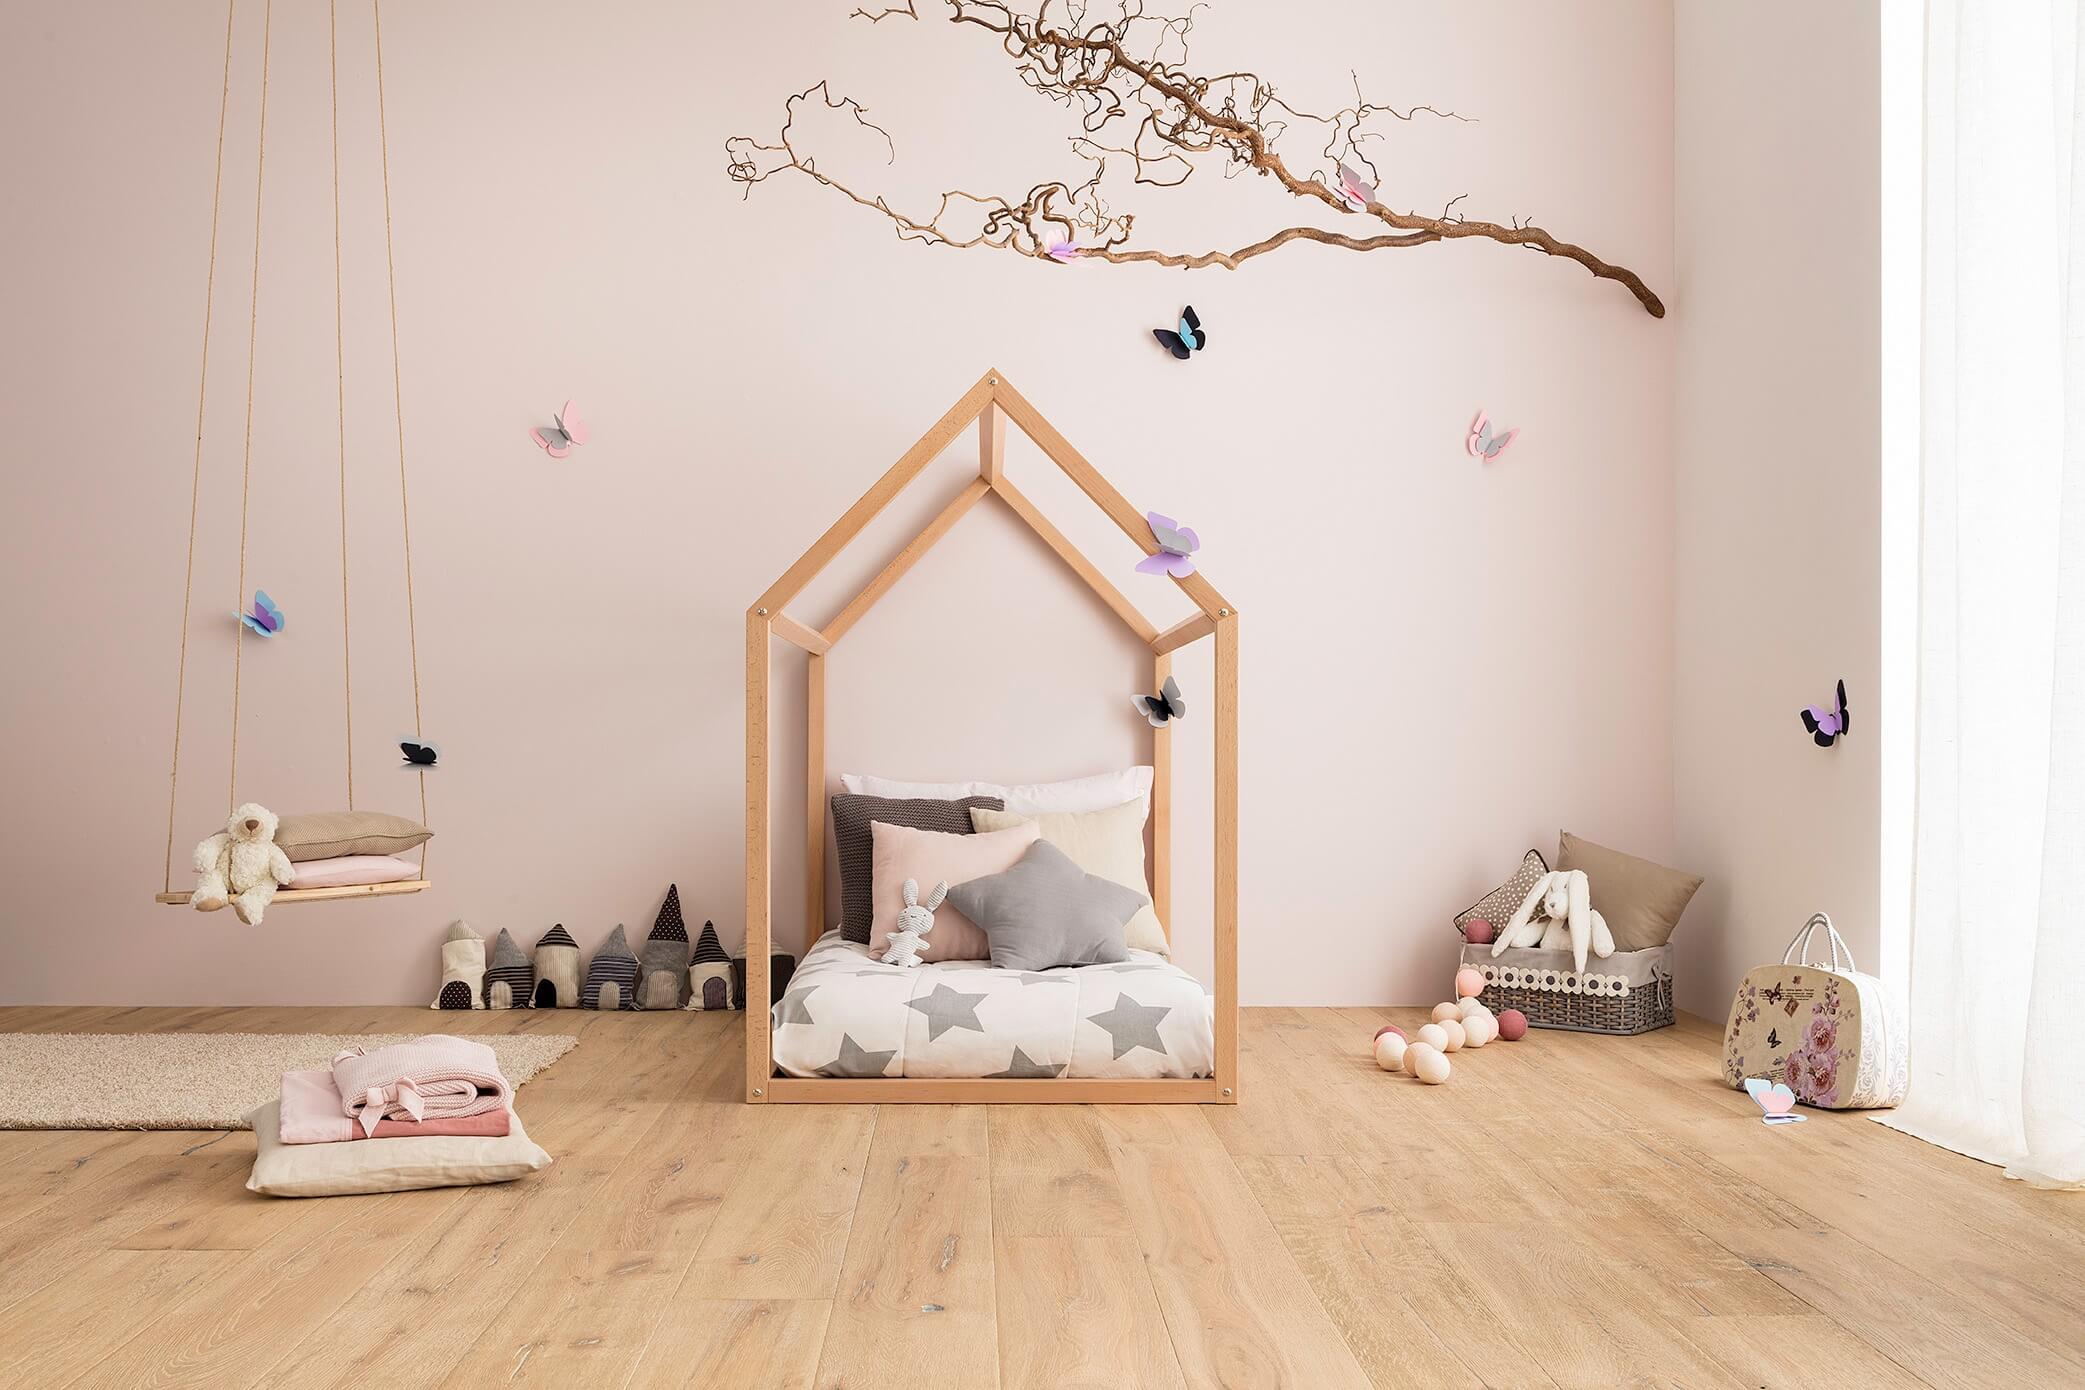 Lettino Montessori a forma di casetta allestito in cameretta rosa decorata con stelle e farfalle